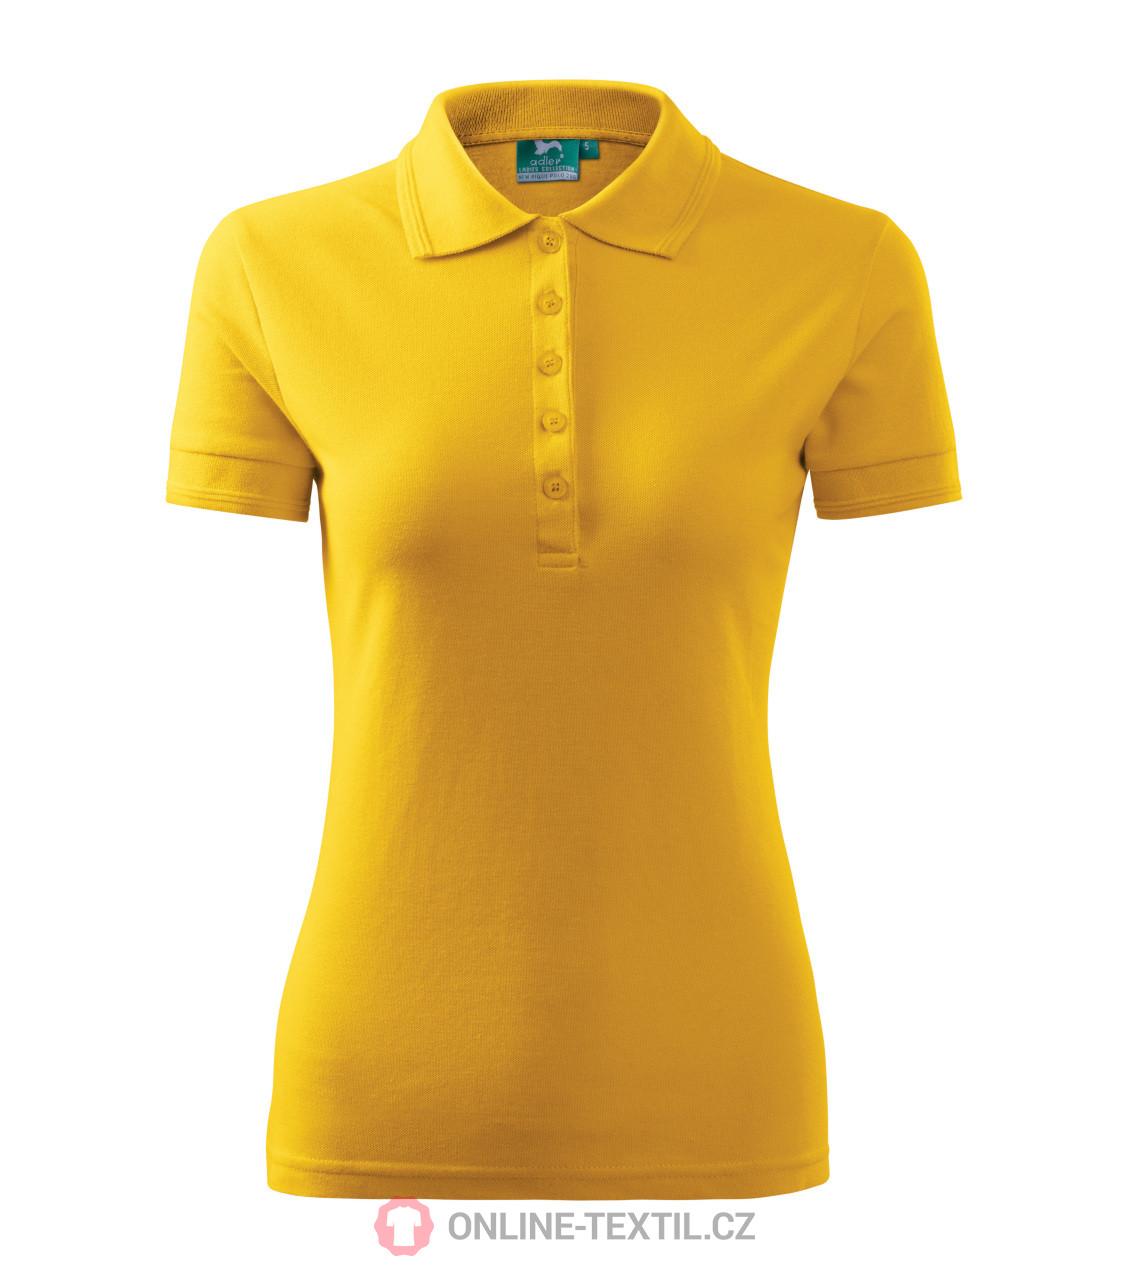 2df20d56f5cf ADLER CZECH Pique Polo polokošeľa dámska 21A - žltá z kolekcie ...